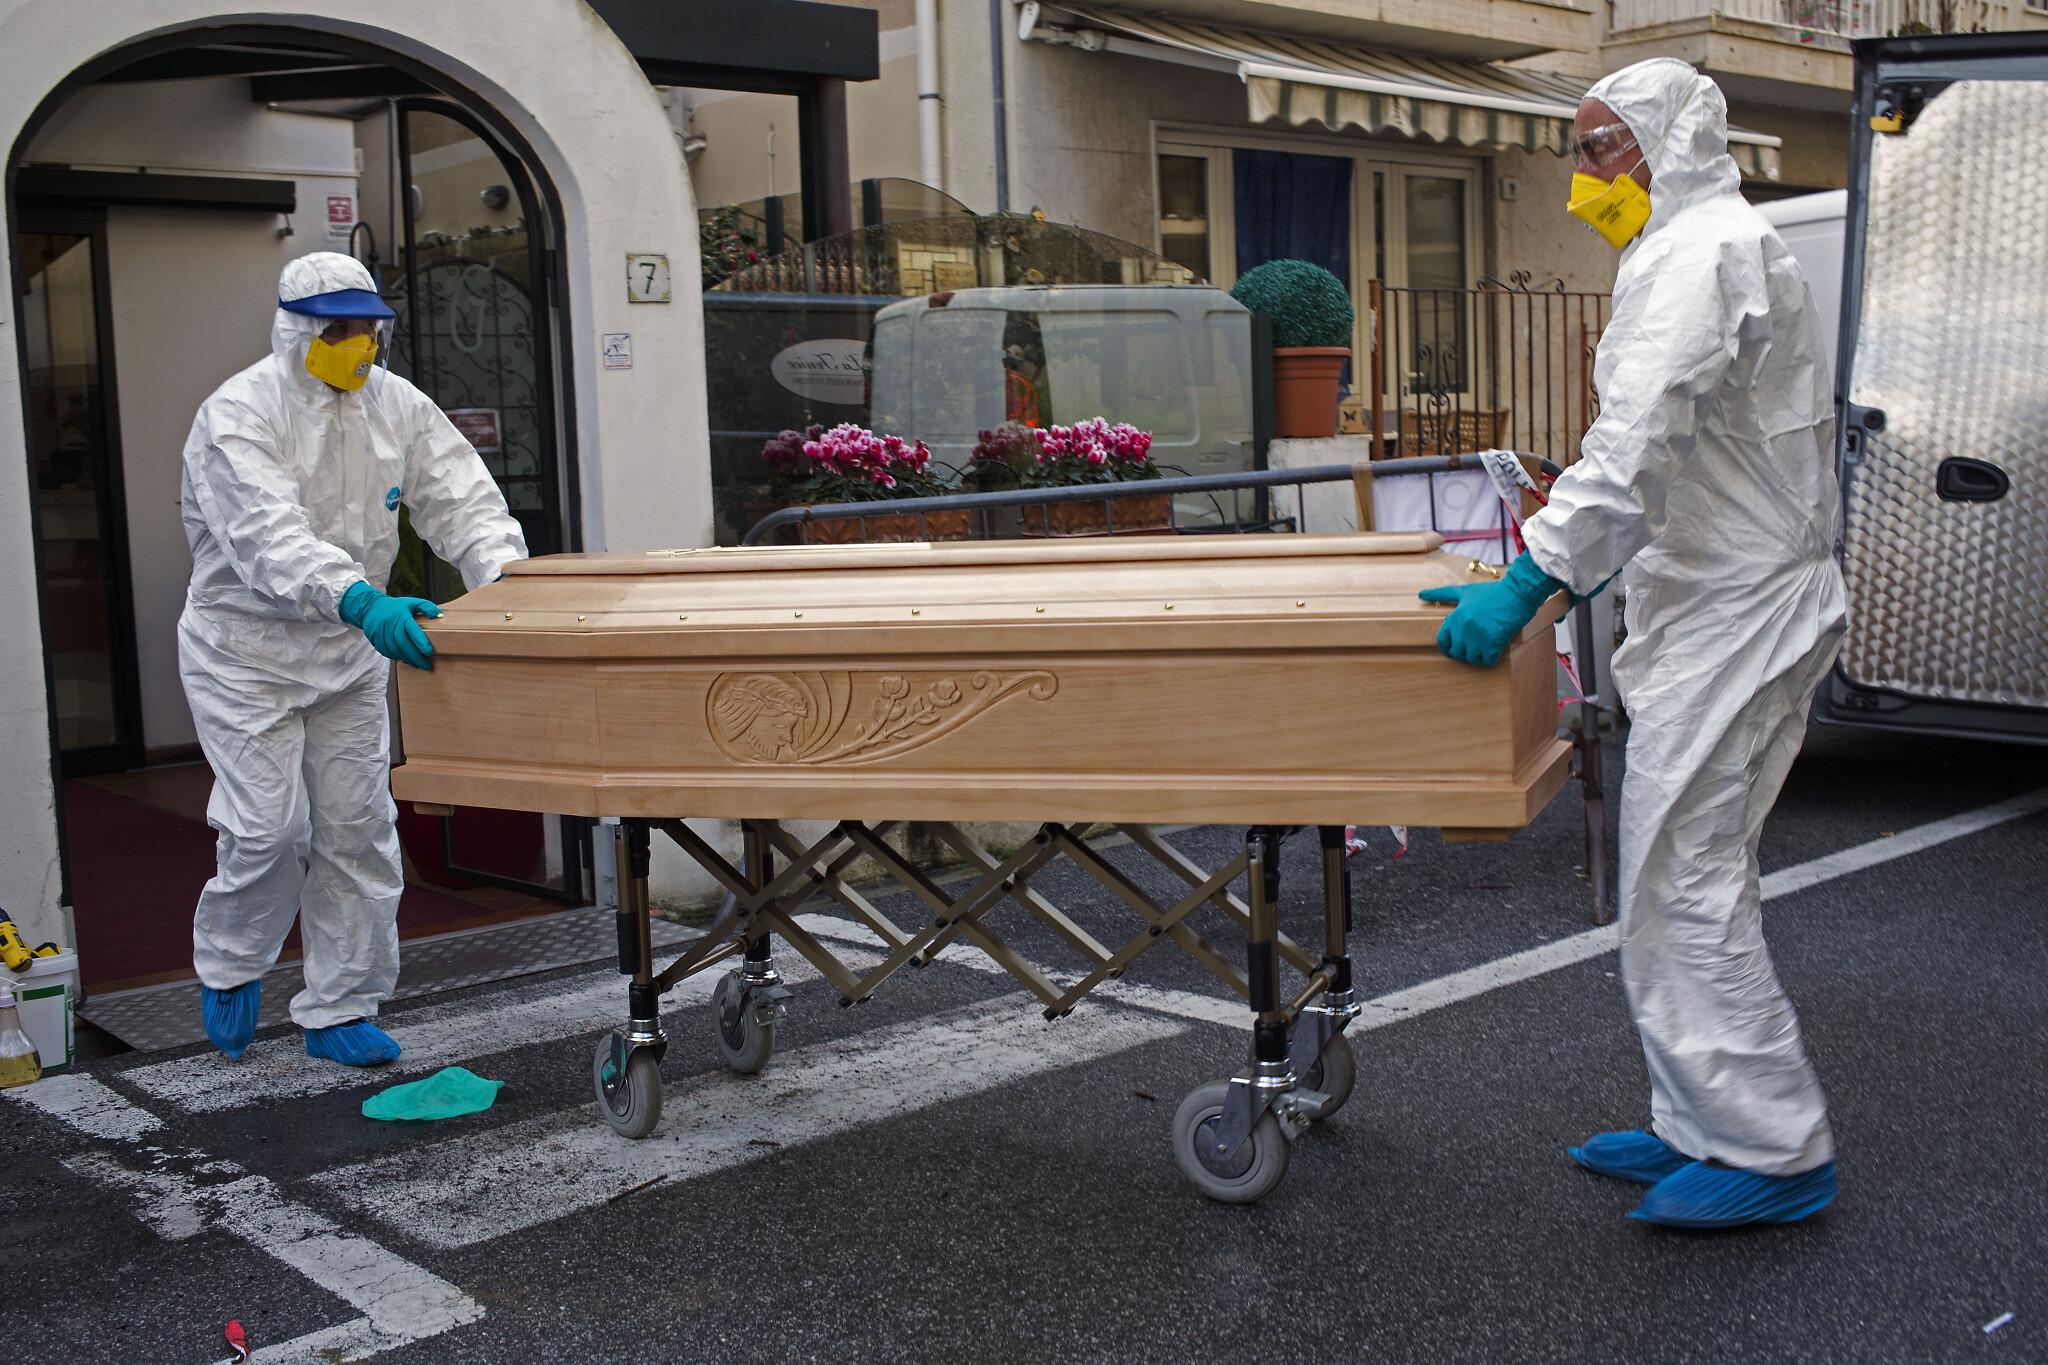 Global coronavirus death toll tops 3,000 as second man dies in US ...